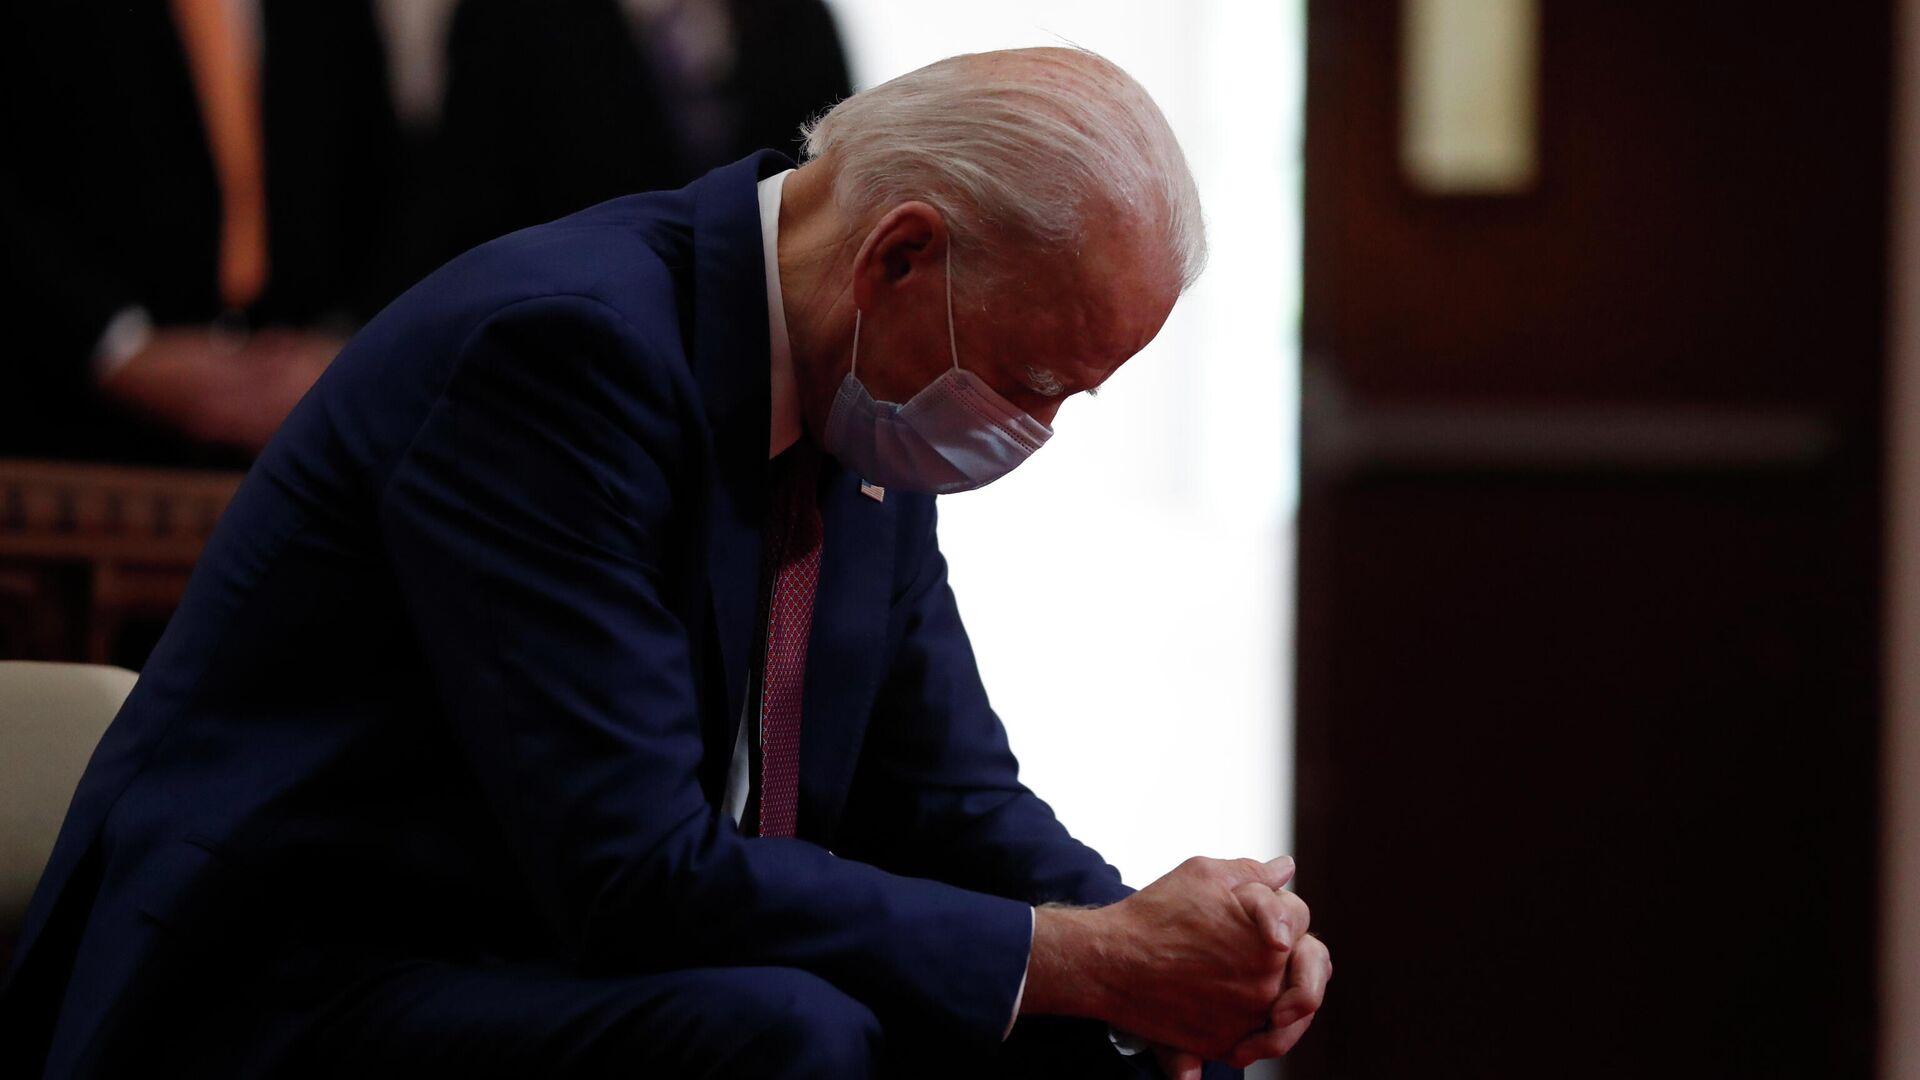 Джо Байден молится во время посещения церкви Bethel AME в Уилмингтоне, штат Делавэр - РИА Новости, 1920, 13.06.2021